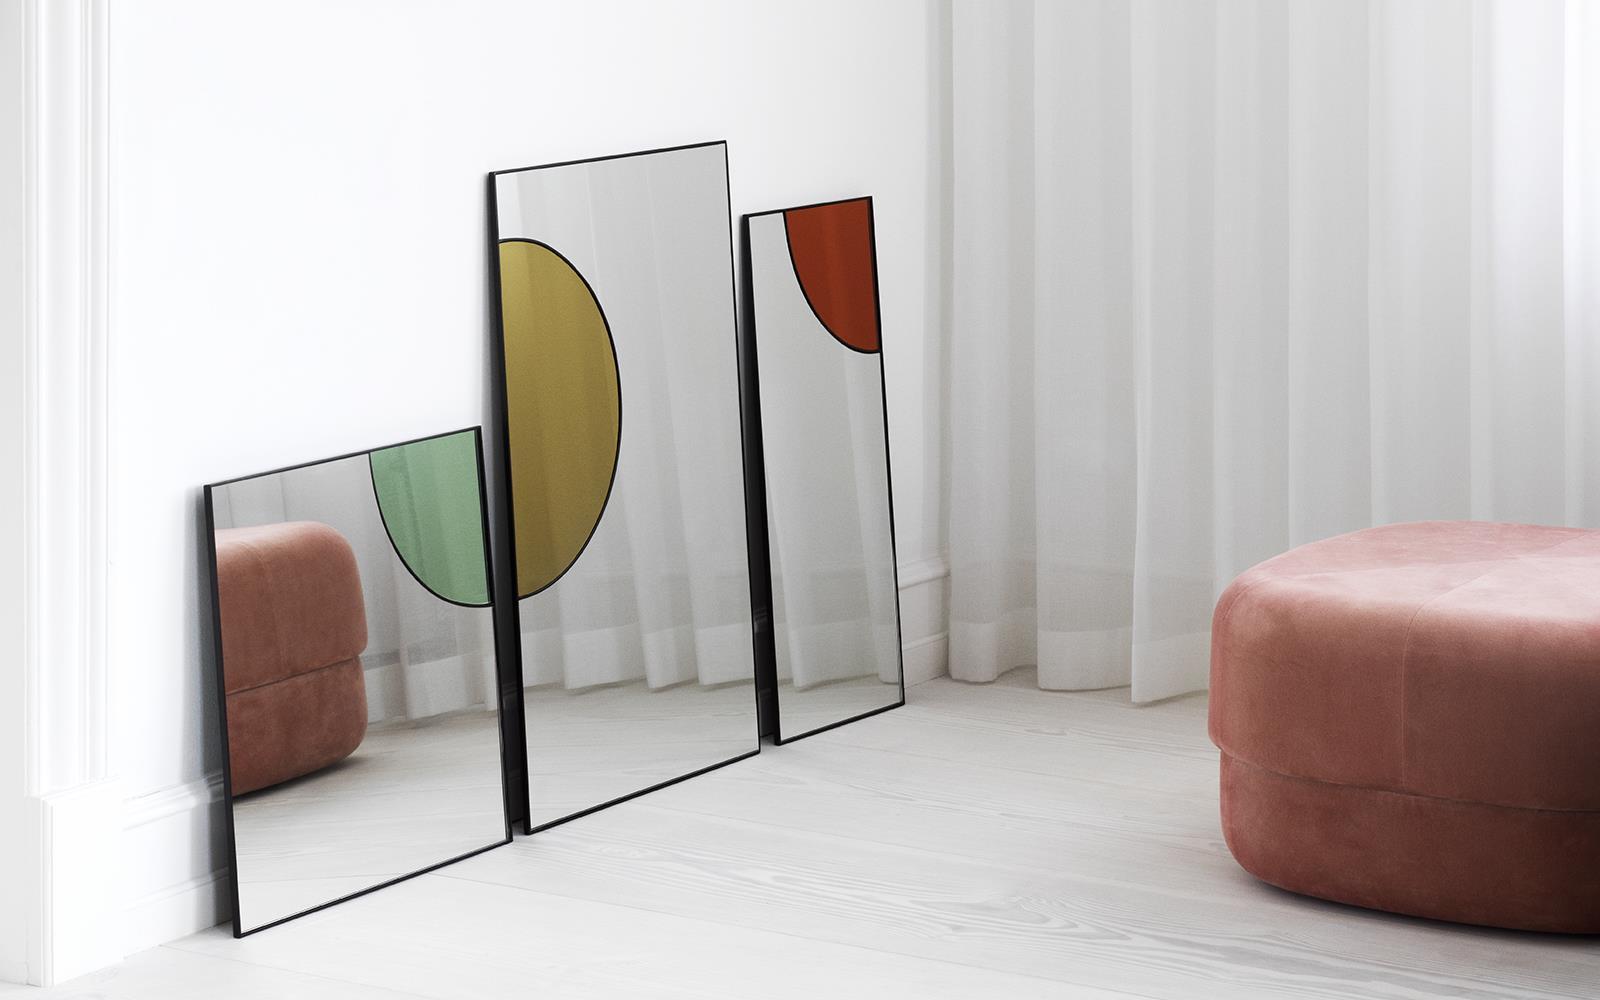 Relativ Mirage Spiegel 80 x 50 cm gold PQ31